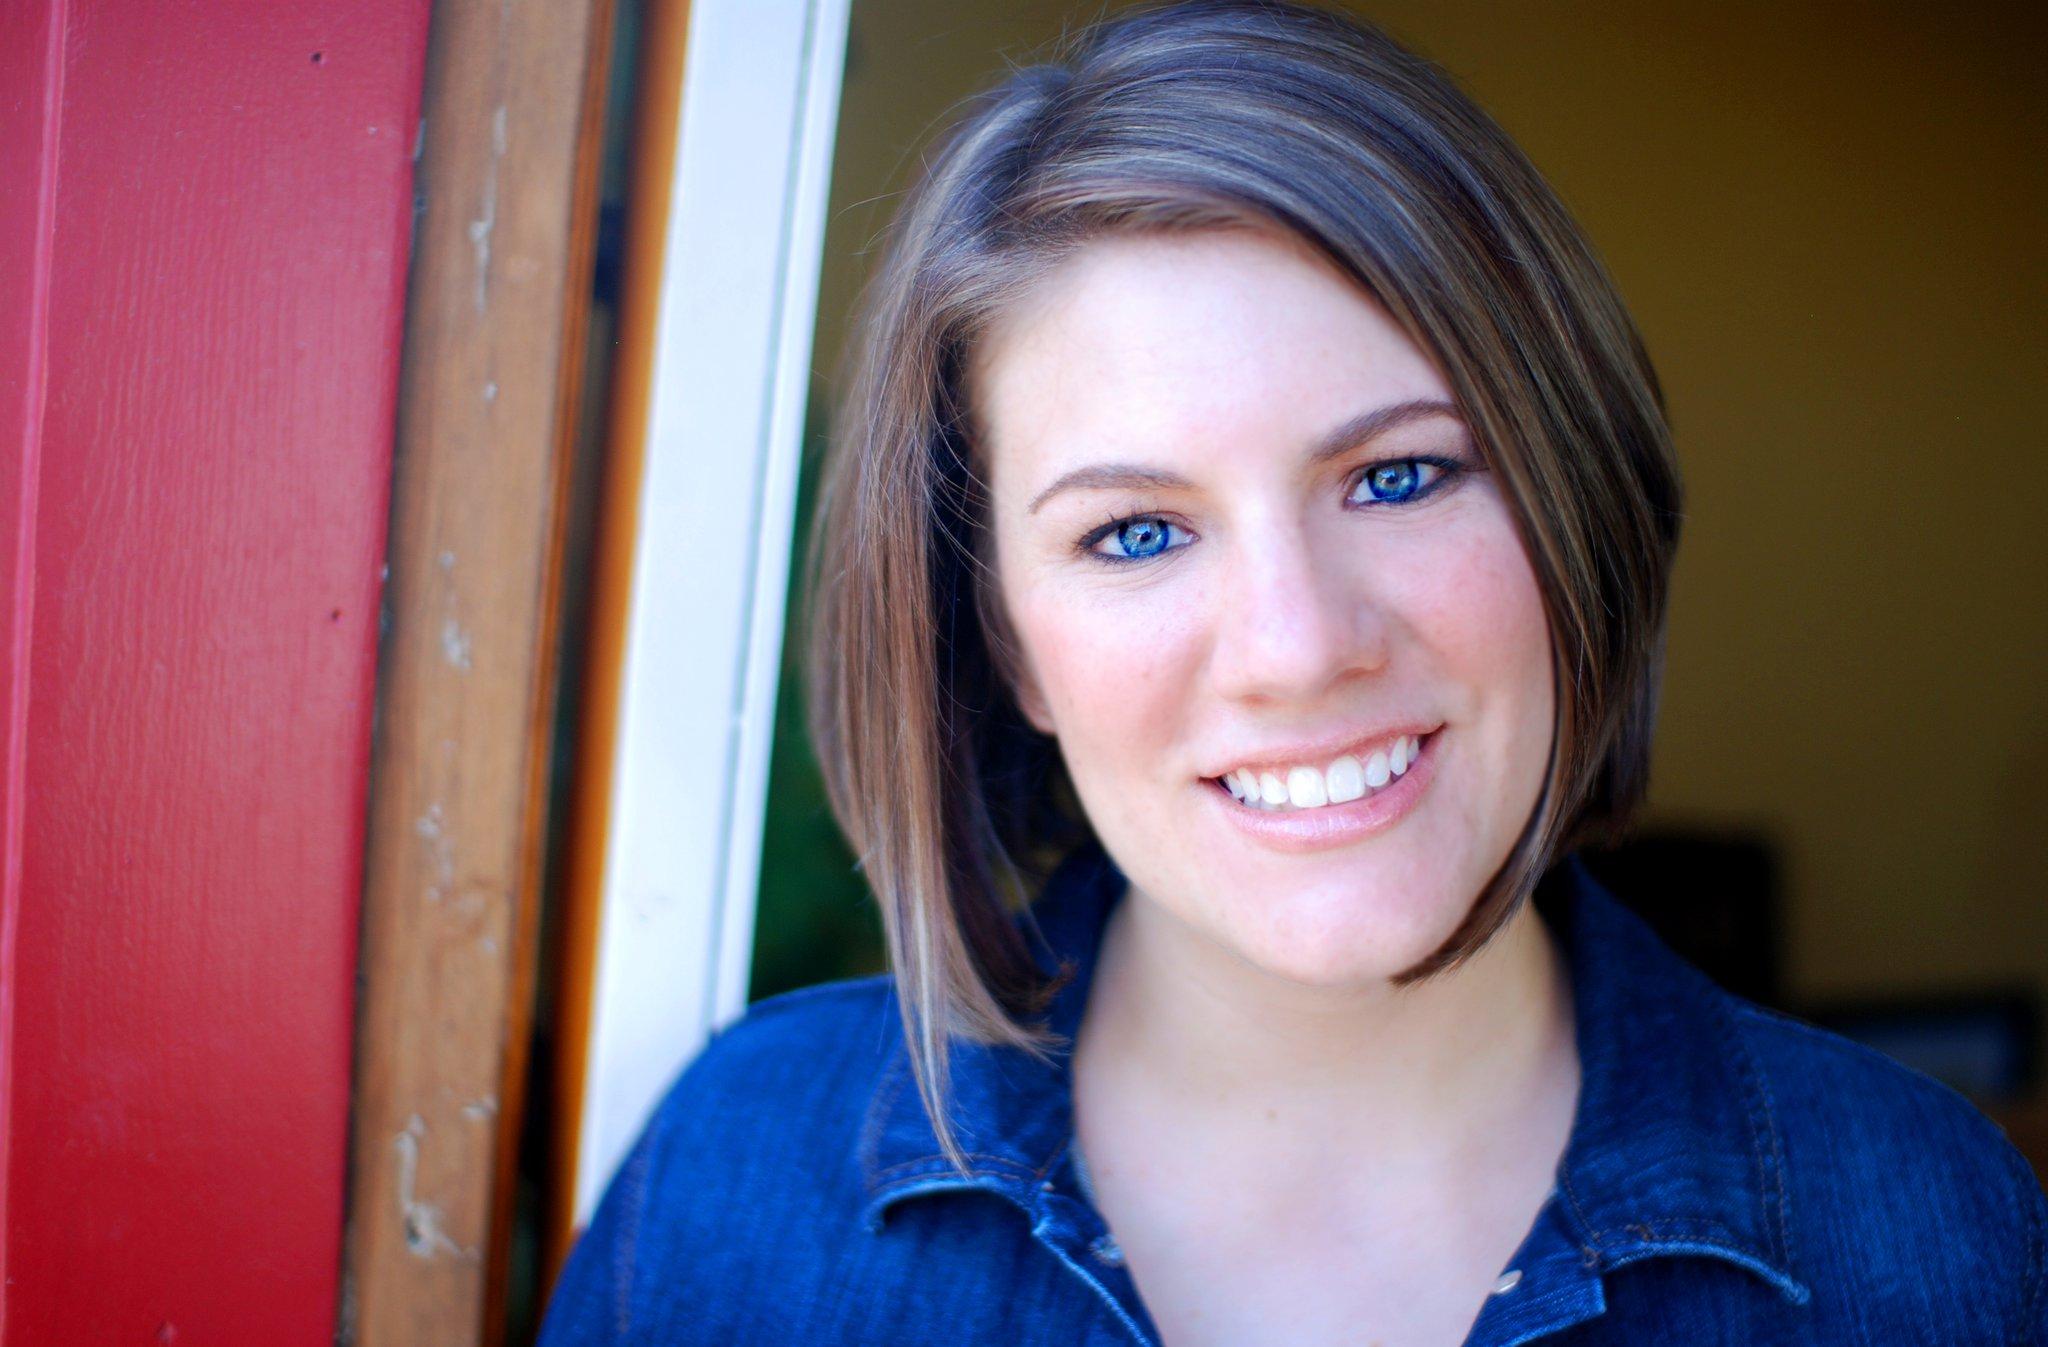 Rachel Held Evans (Photo from Facebook.)